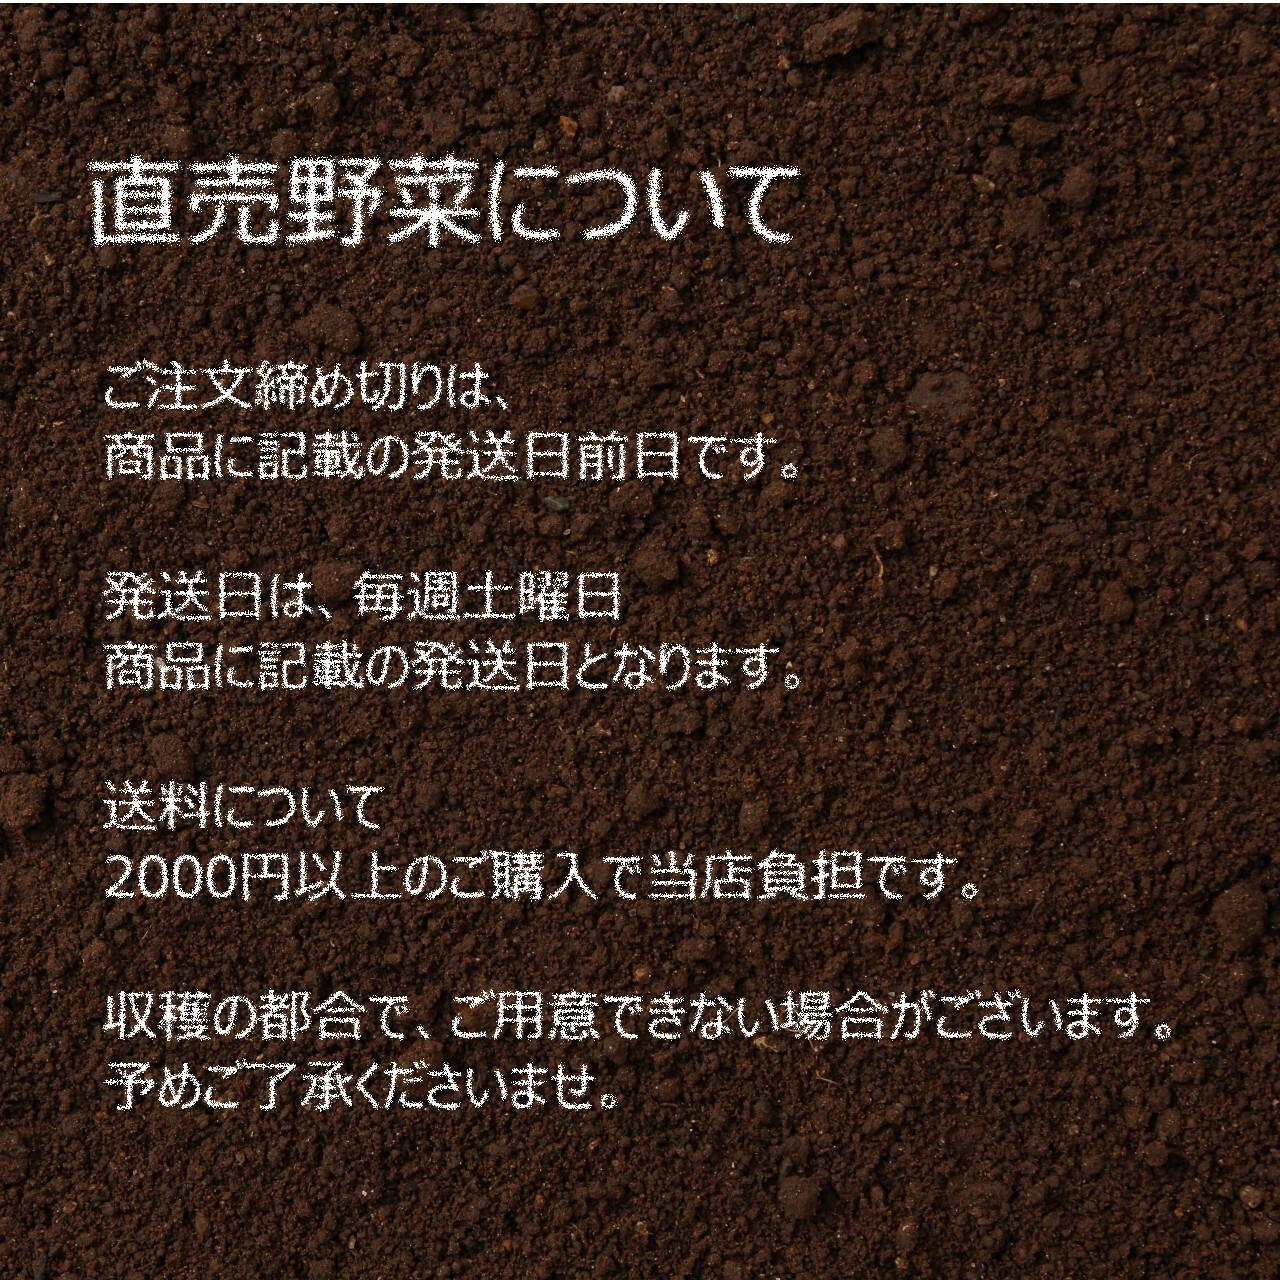 10月の朝採り直売野菜 : ピーマン 約250g 新鮮な秋野菜 10月24日発送予定